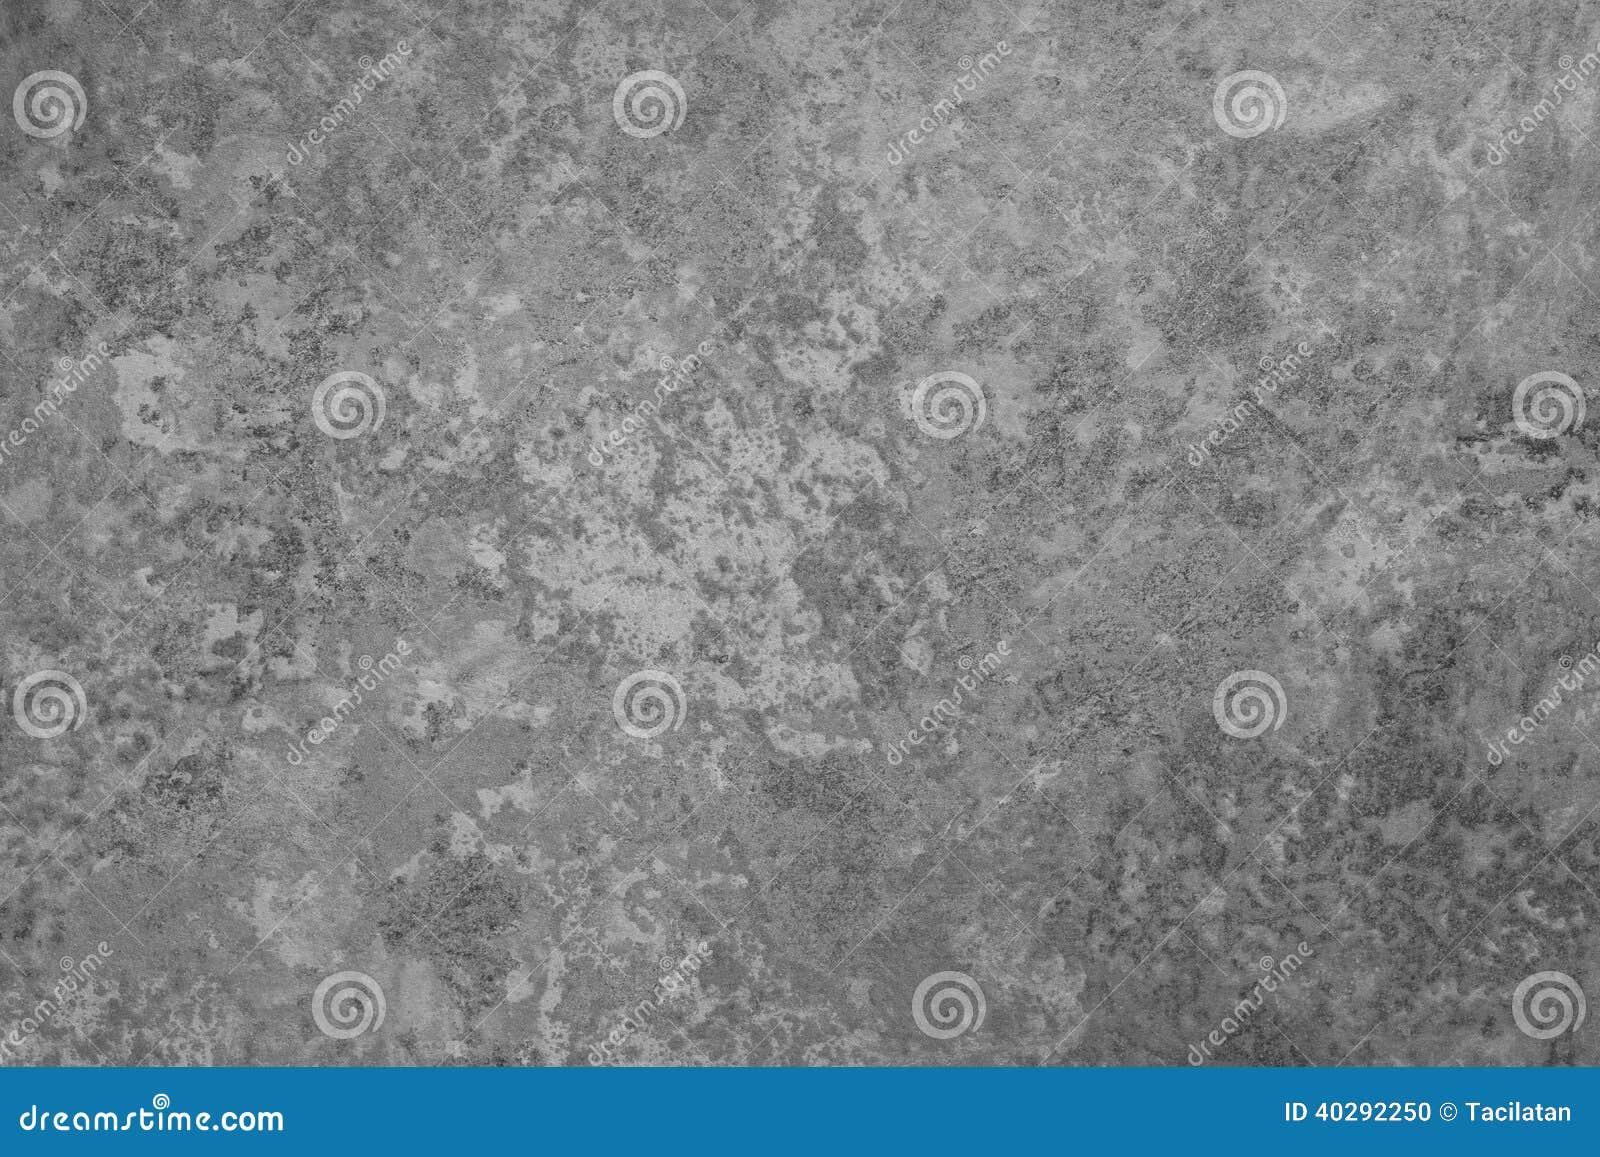 Абстрактная текстура с пятнами и разводами